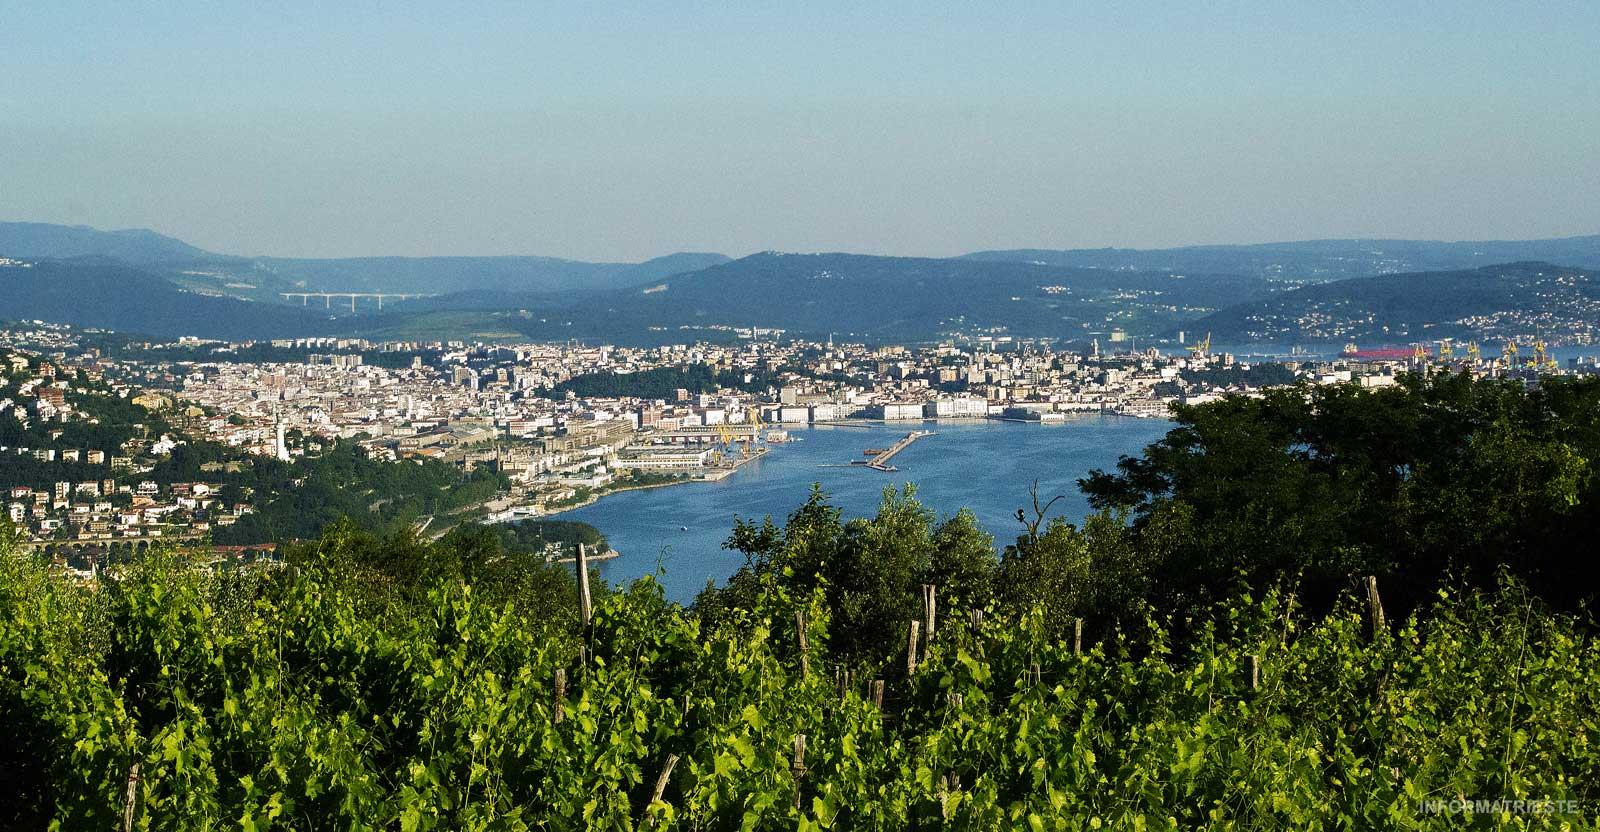 Trieste panorama 2020